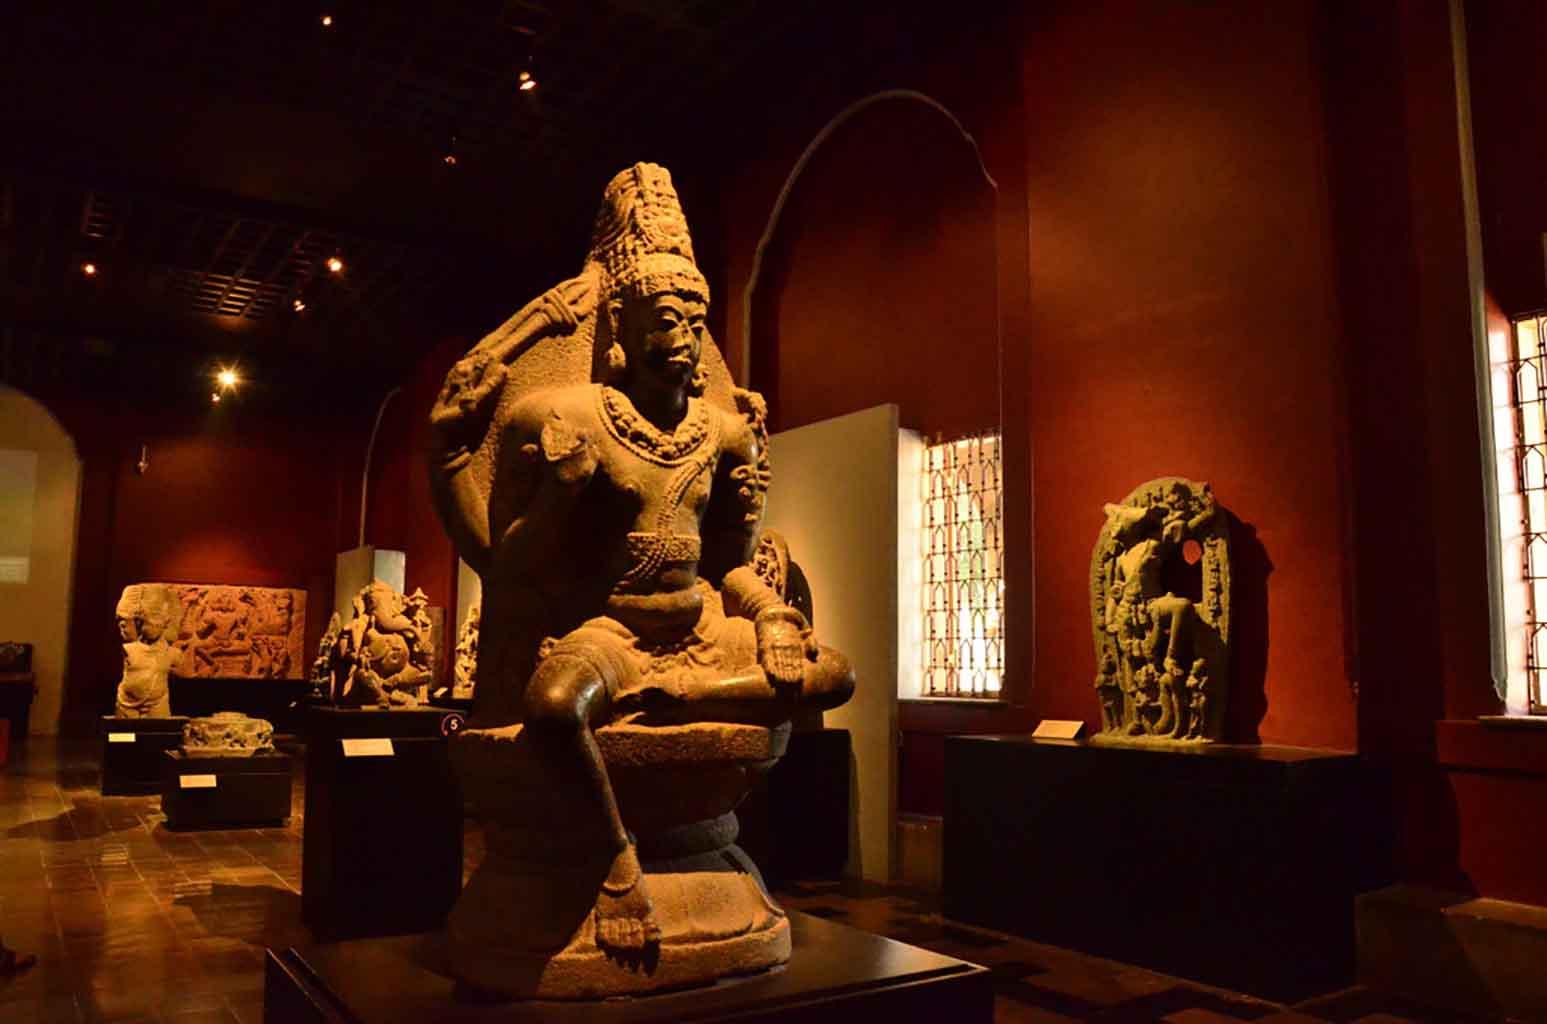 Prince of Wales Museum. Mumbai